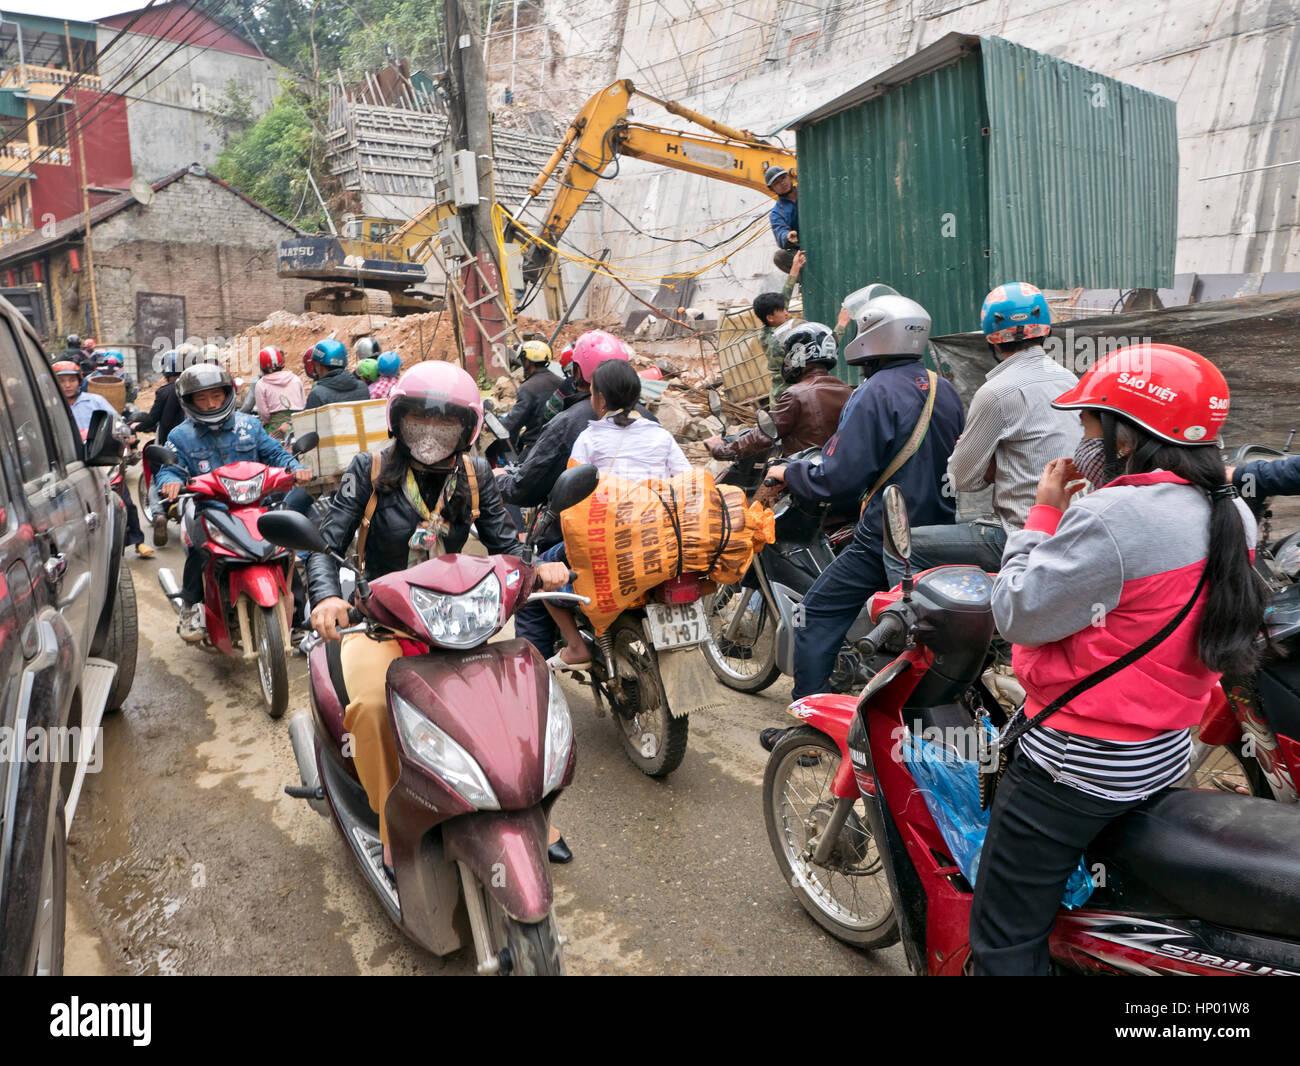 Las personas caballo scooters y motocicletas, con cascos y prendas protectoras, la calle de la ciudad, automóviles Imagen De Stock